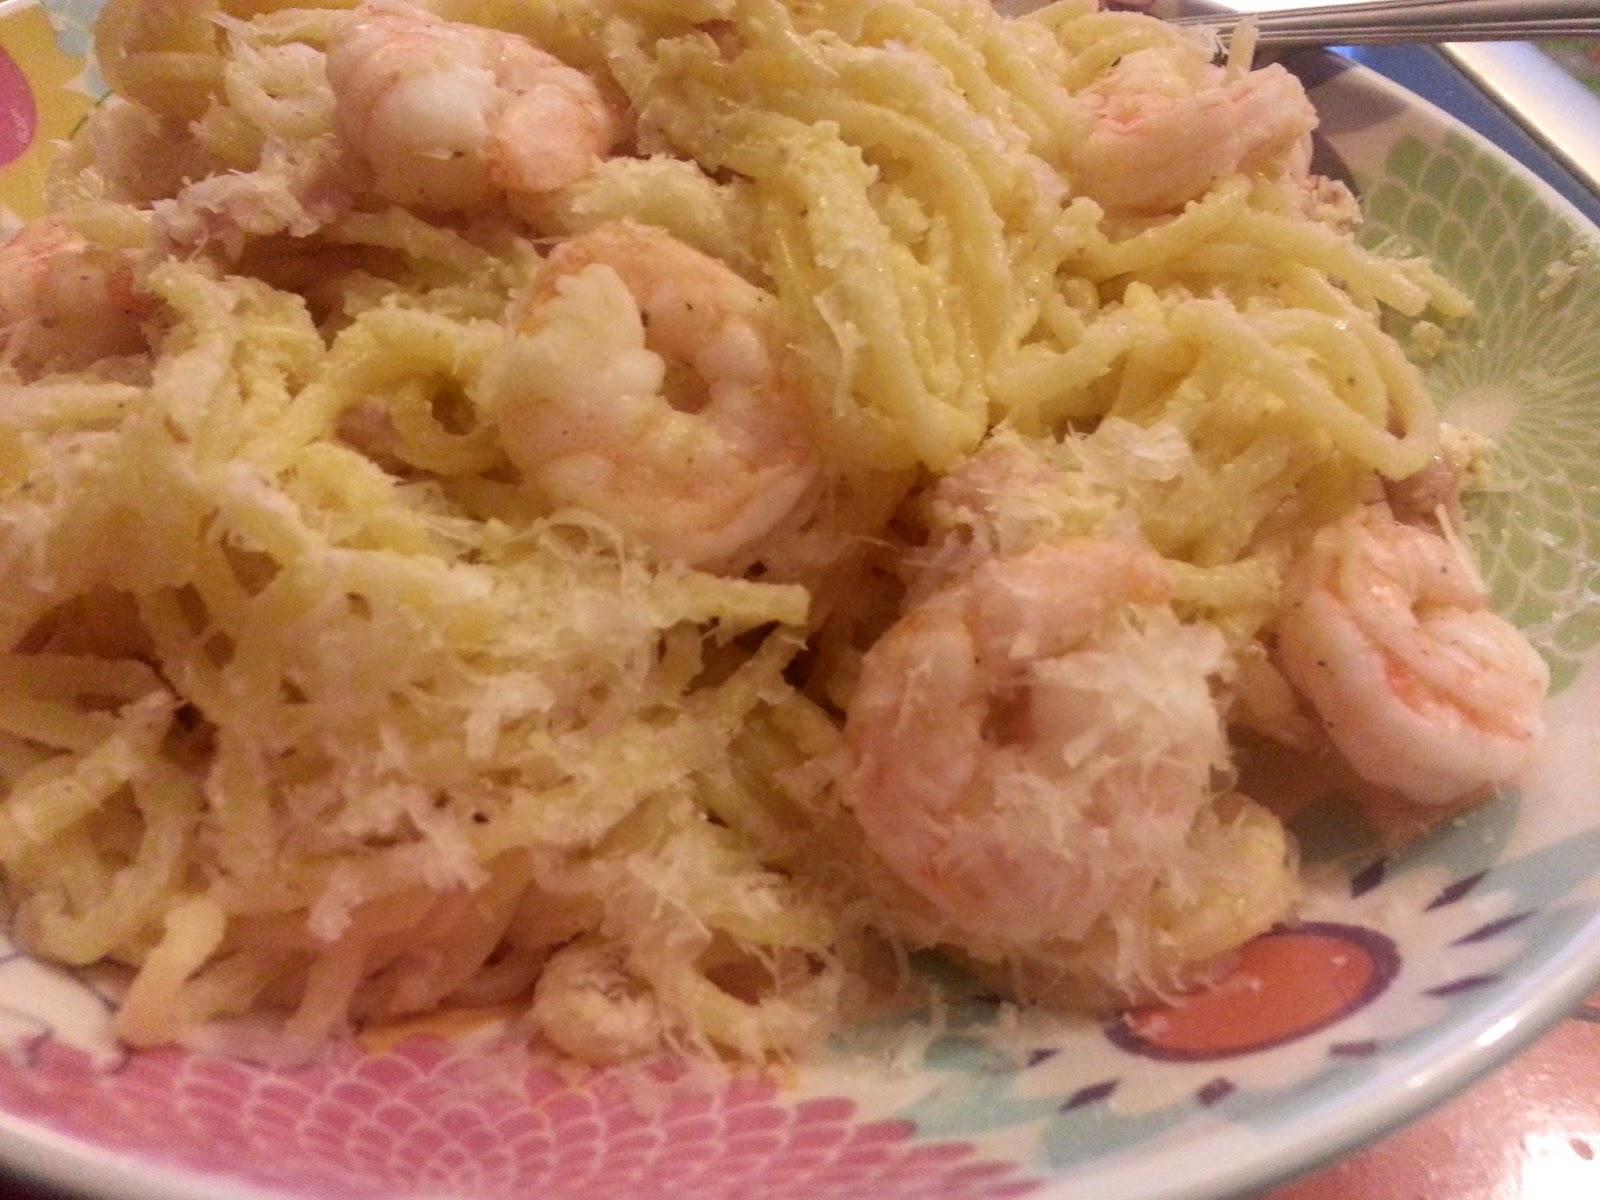 shrimp and some no cream in pasta carbonara basil shrimp photo shrimp ...